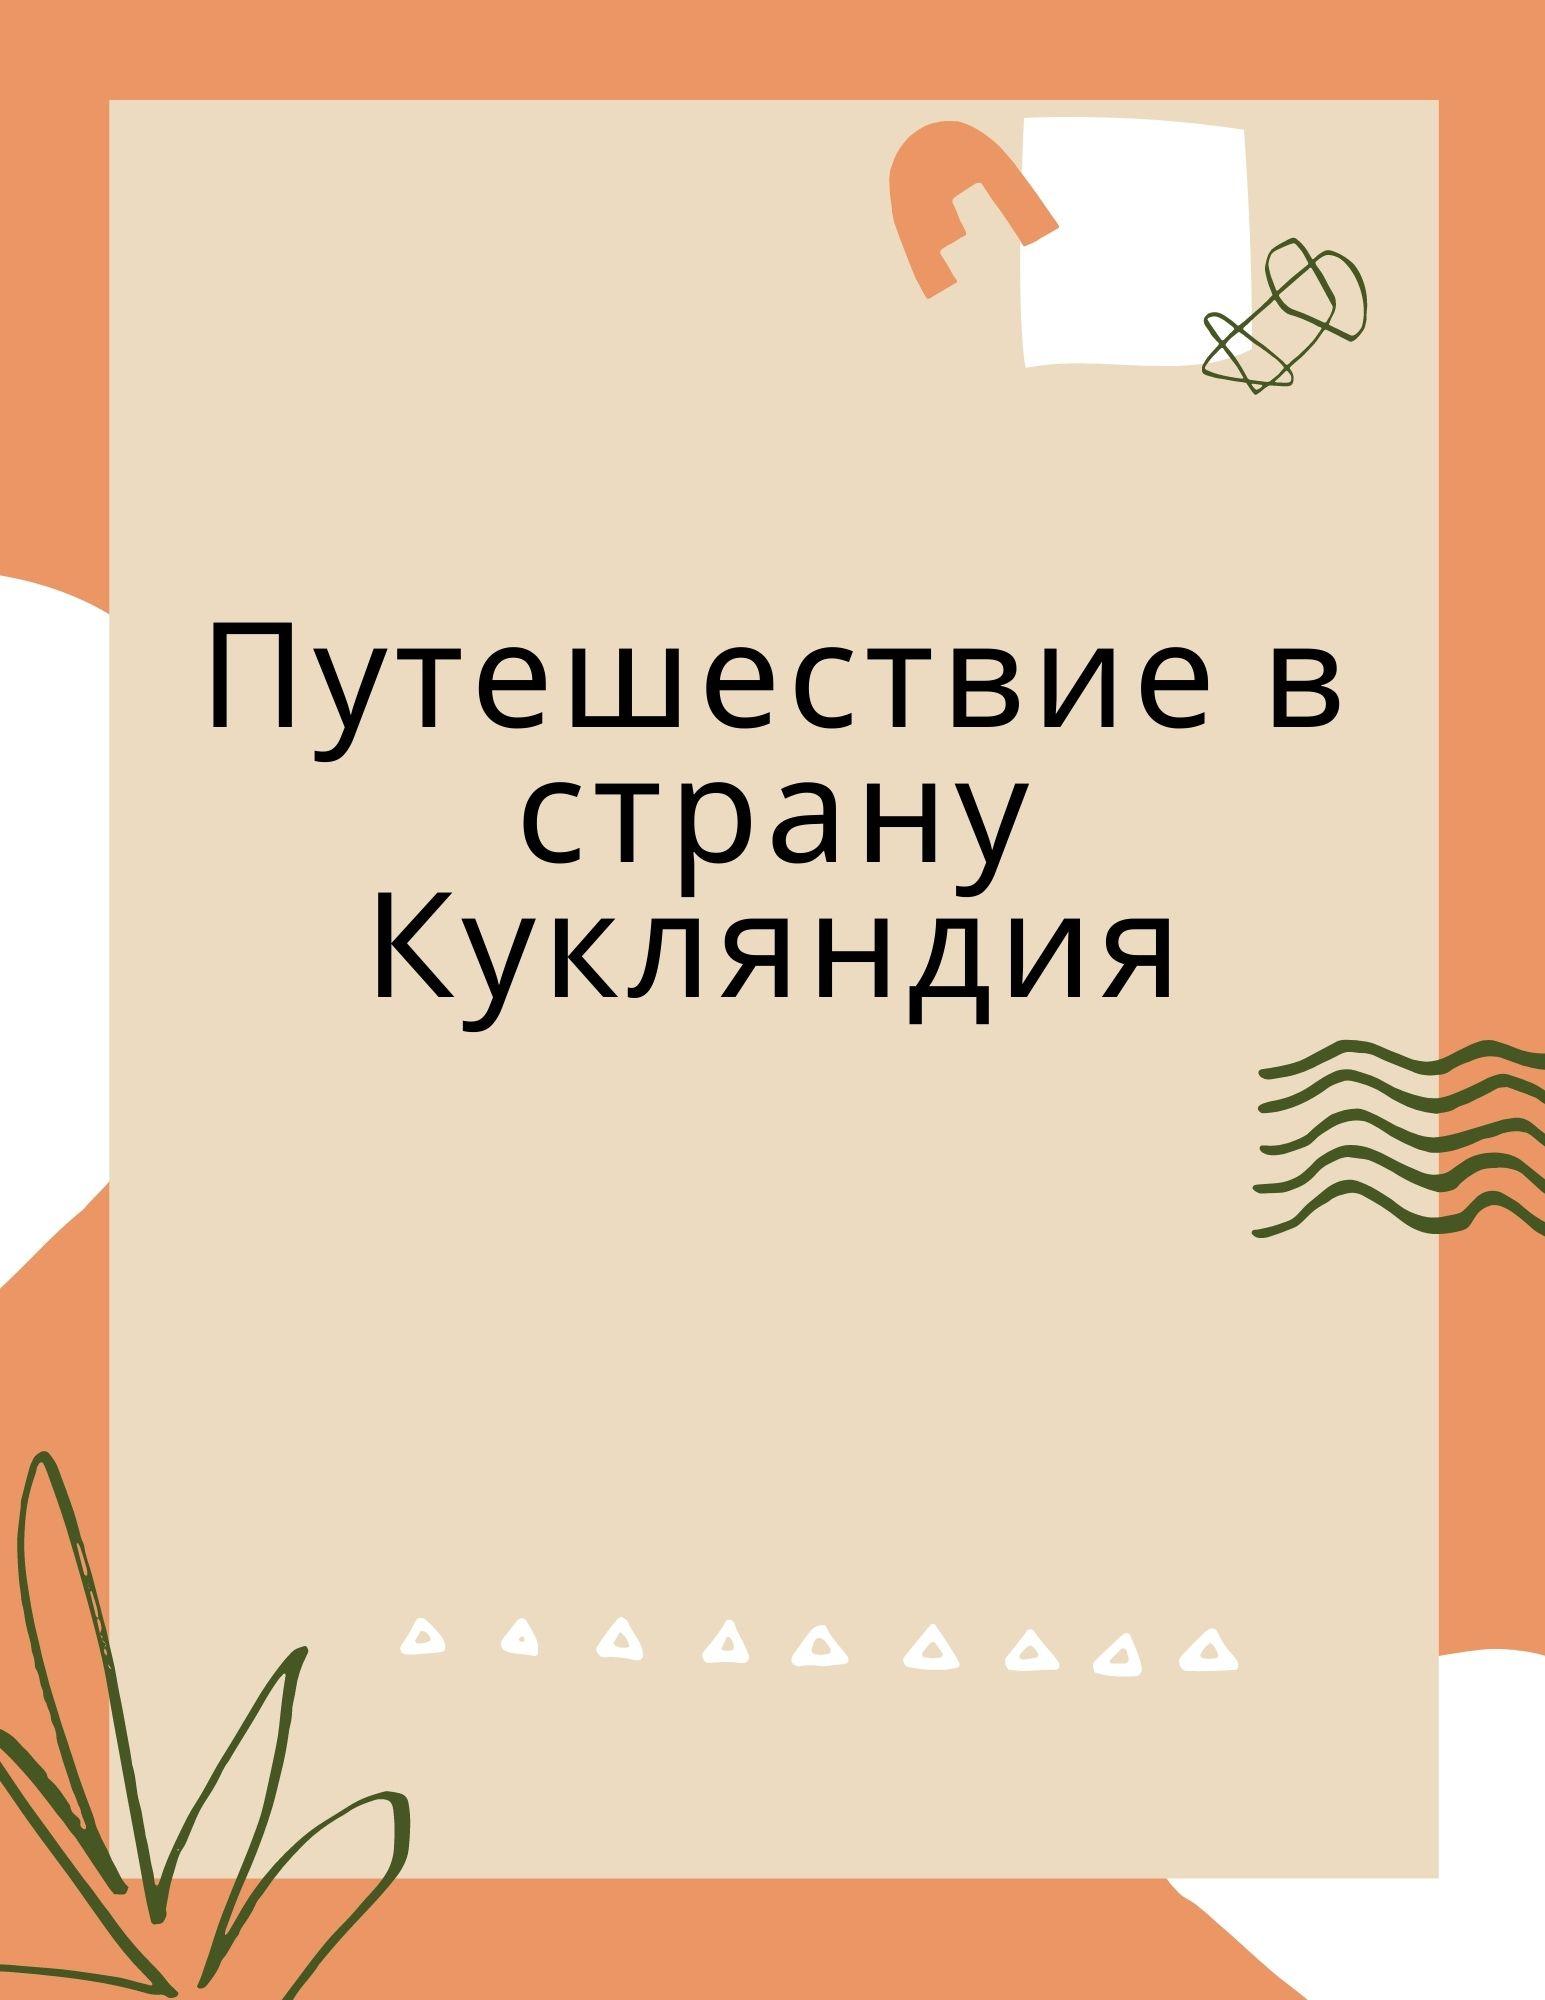 Путешествие в страну Кукляндия